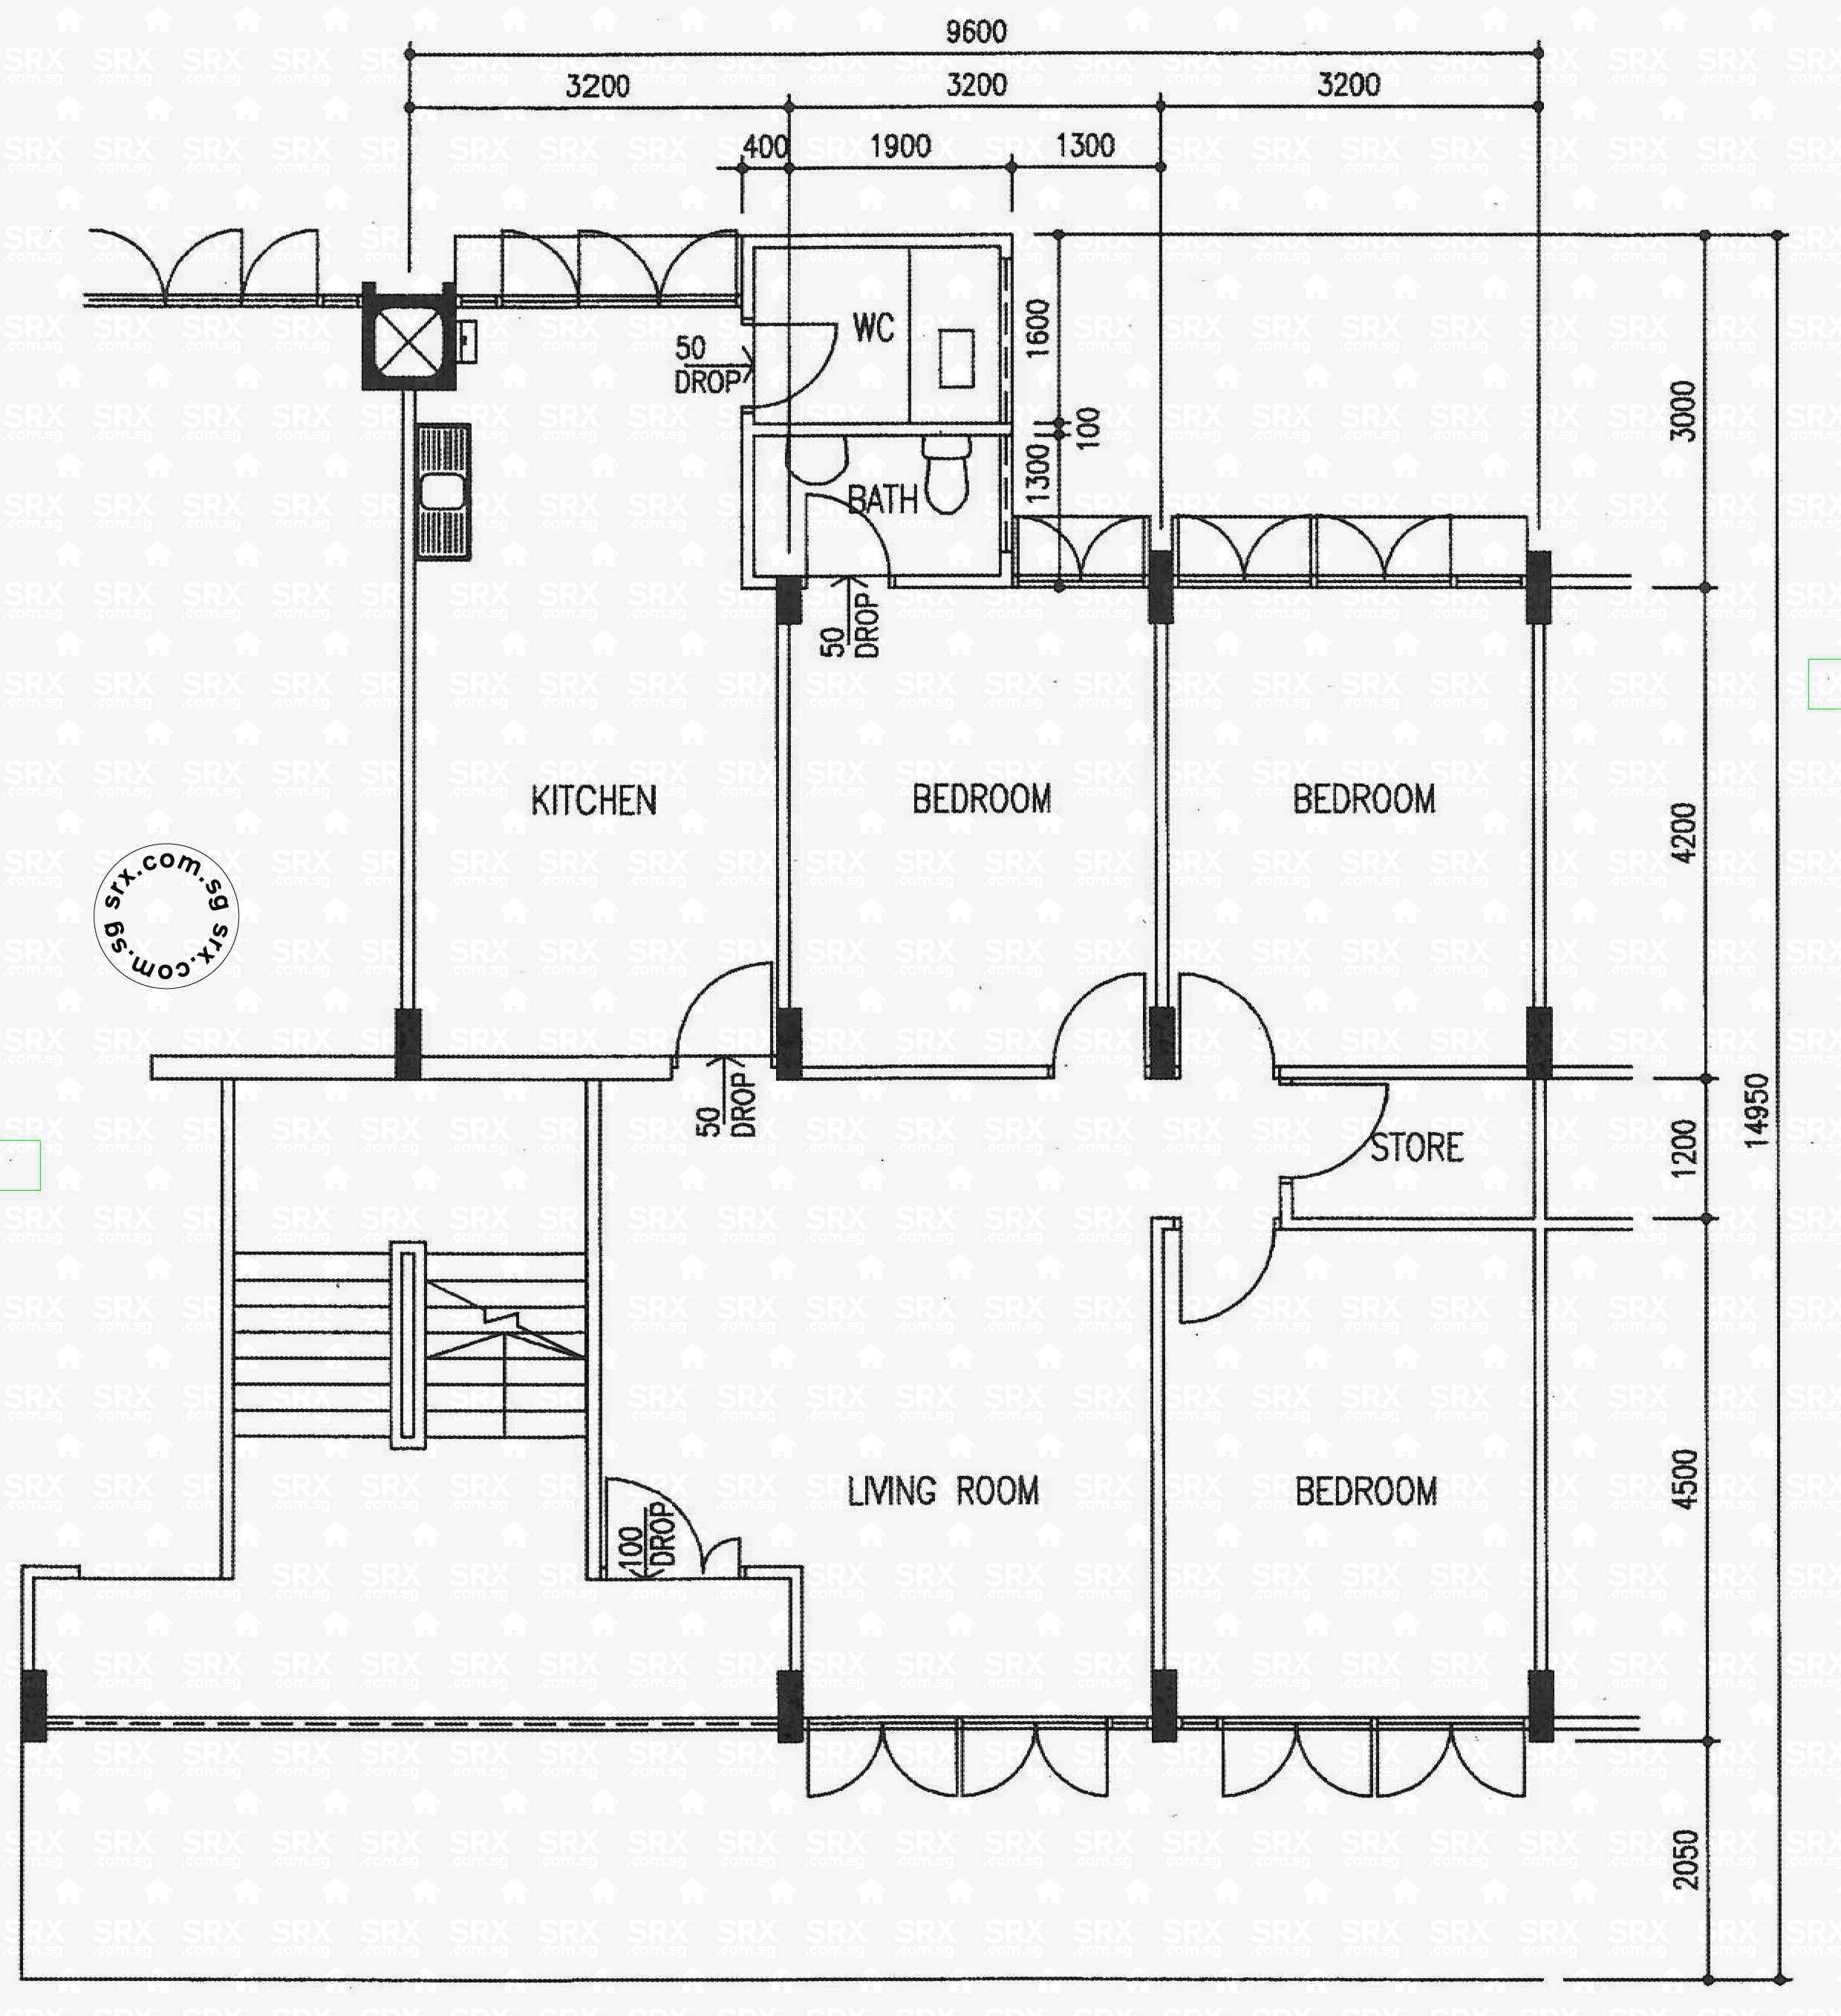 Pandan gardens hdb details srx property for Garden floor design